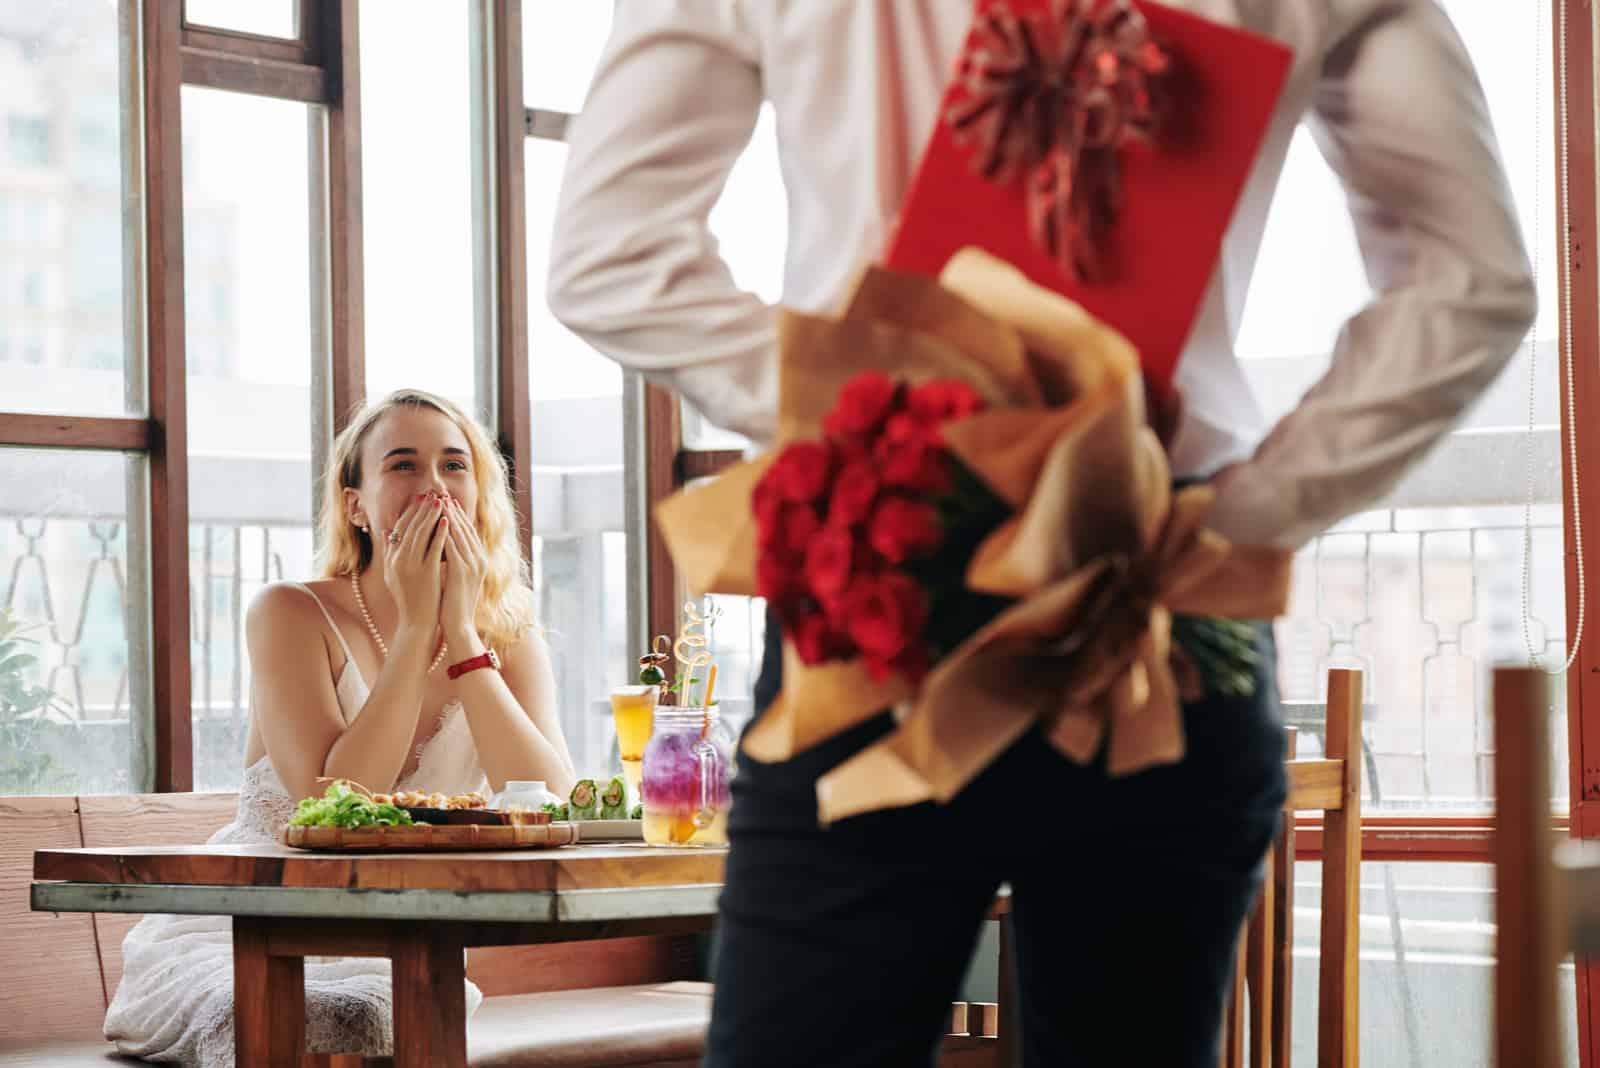 un homme veut surprendre une femme avec un bouquet de roses